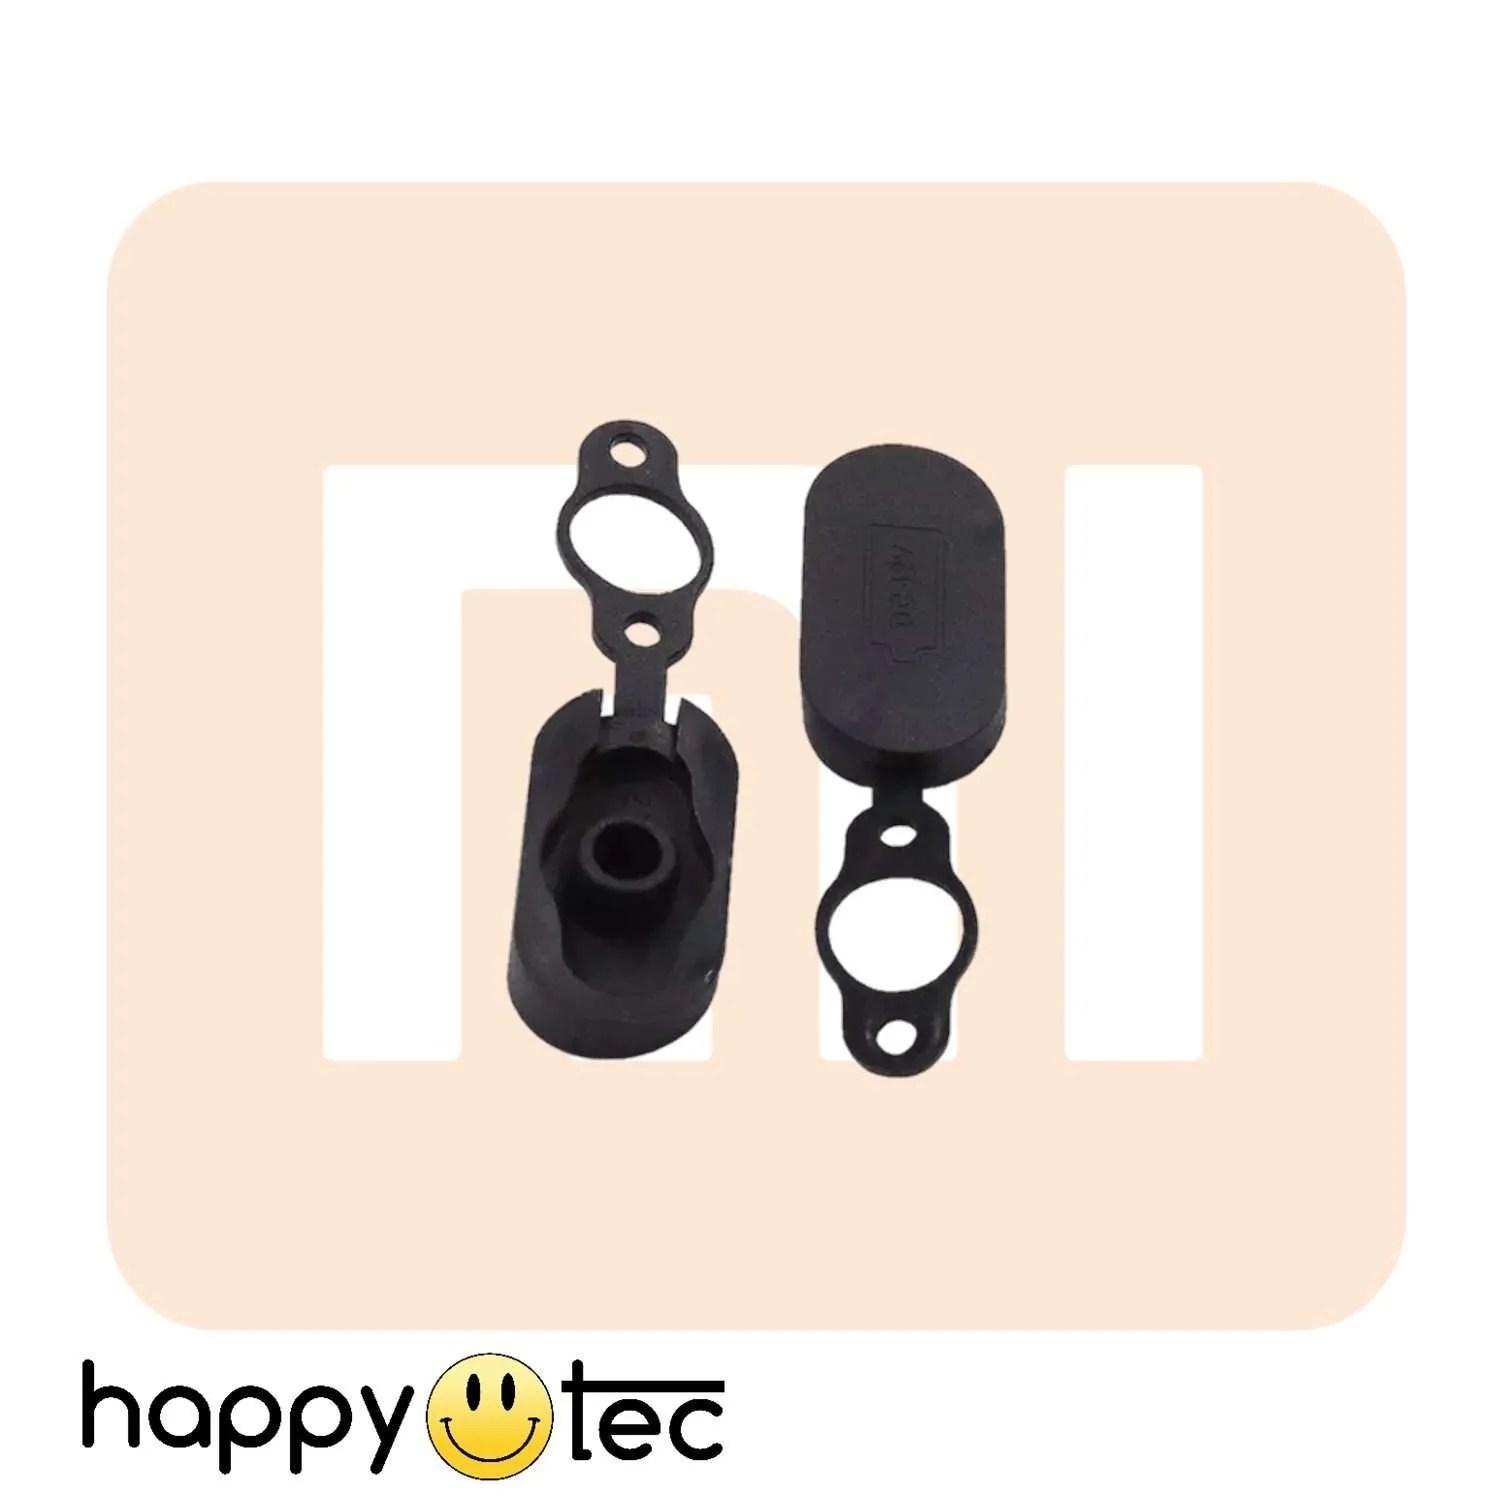 Xiaomi-M365-Gomma-presa-carica-Nero ricambi accessori riparazione assistenza tecnica monopattini elettrici monorim